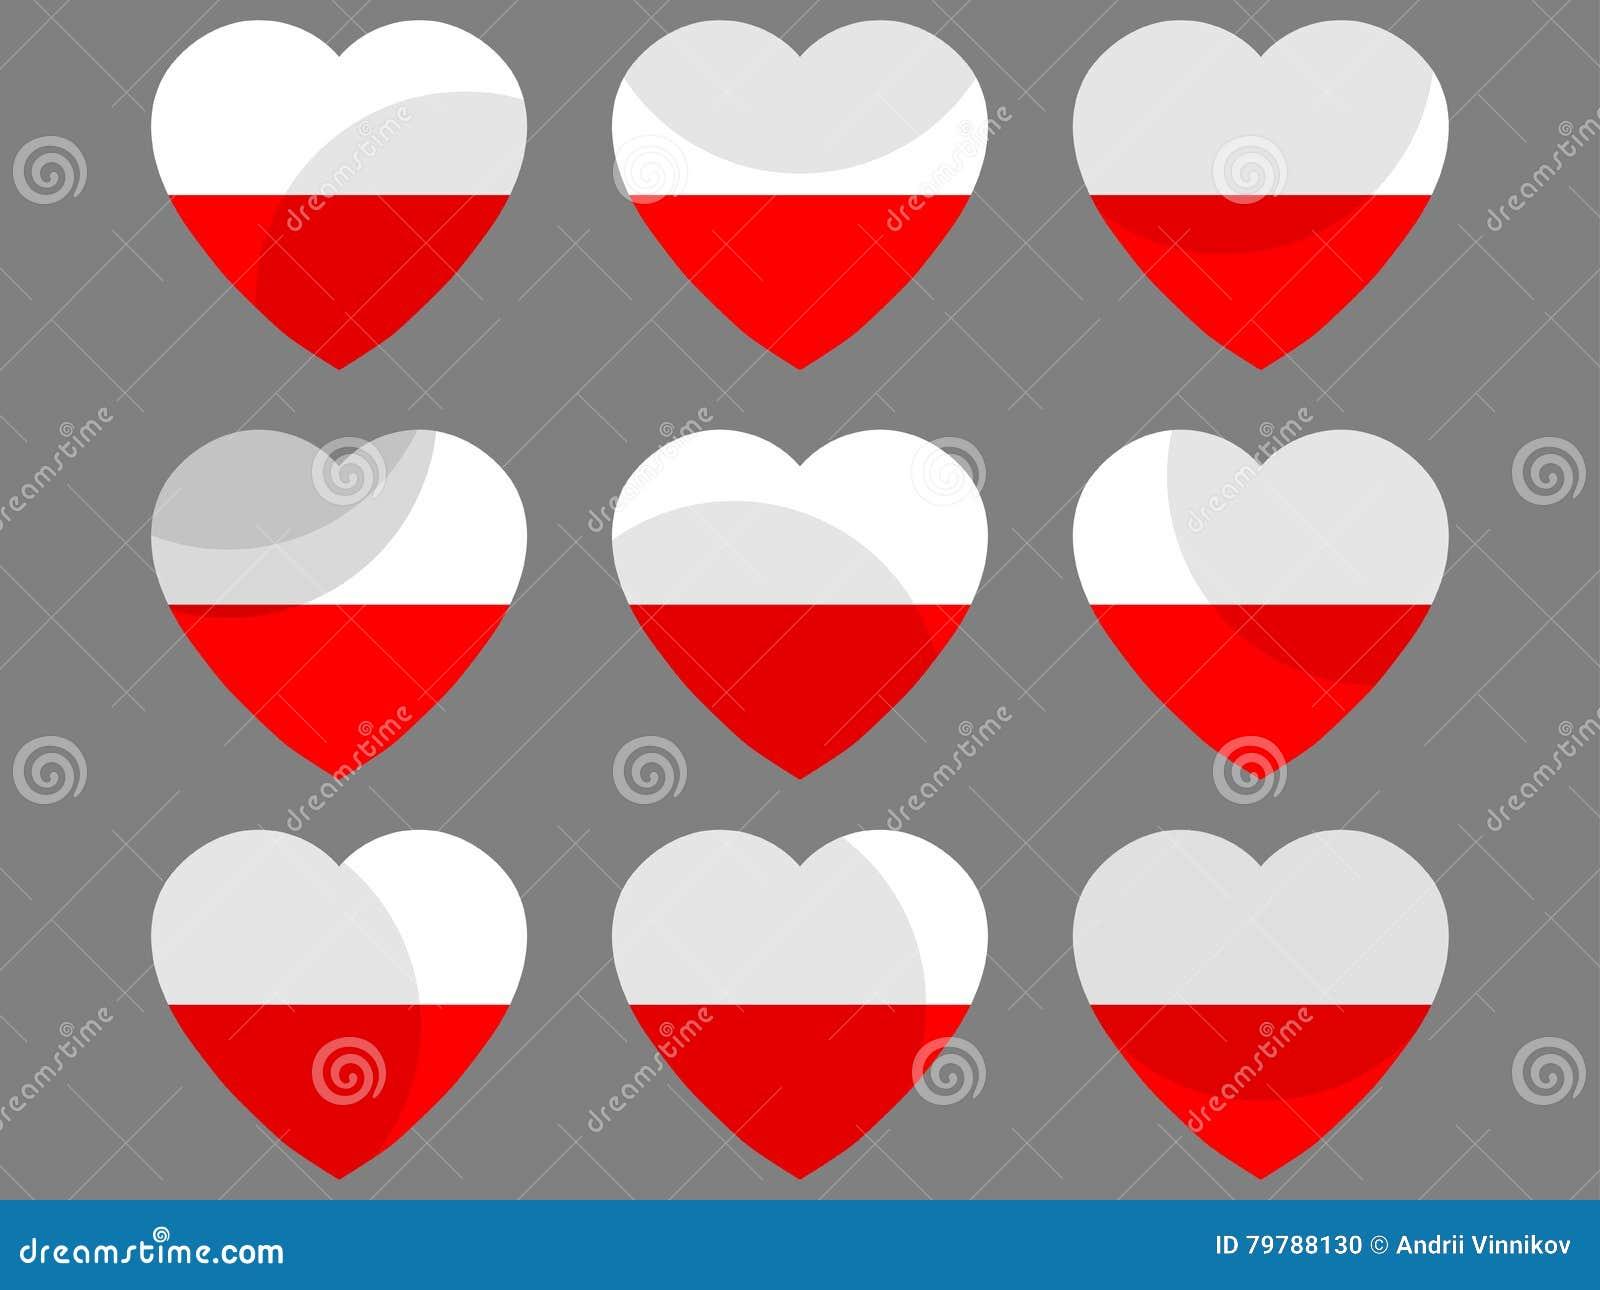 Polnische Flagge Im Herzen Sammlung Herzen Mit Der